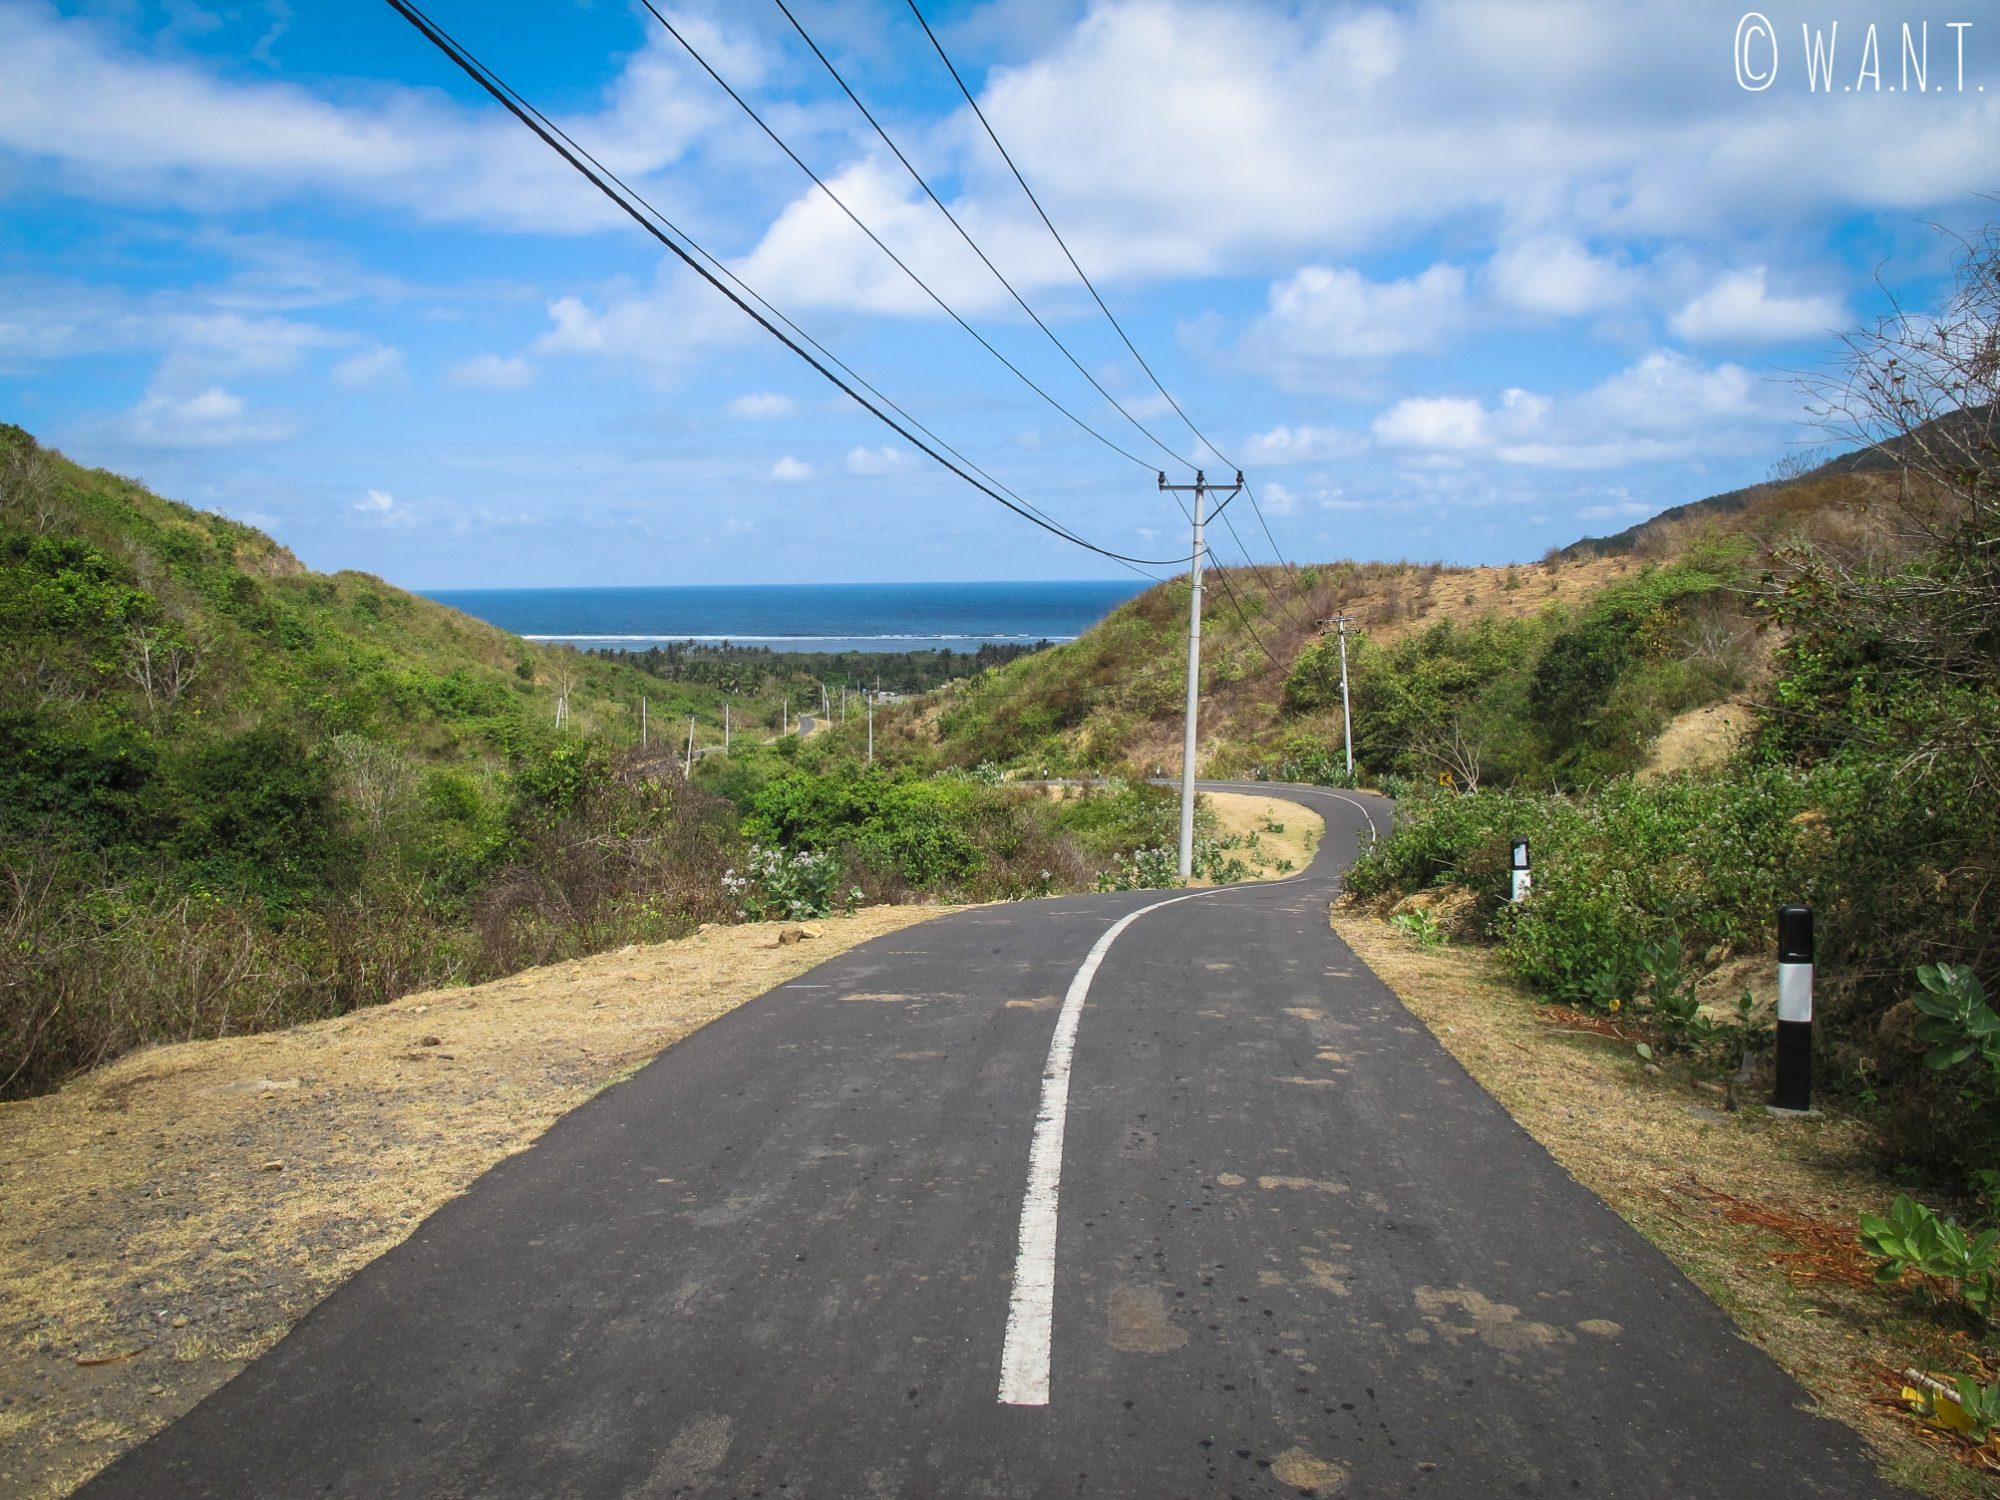 Route à l'ouest de Kuta Lombok menant à la plage de Selong Belanak